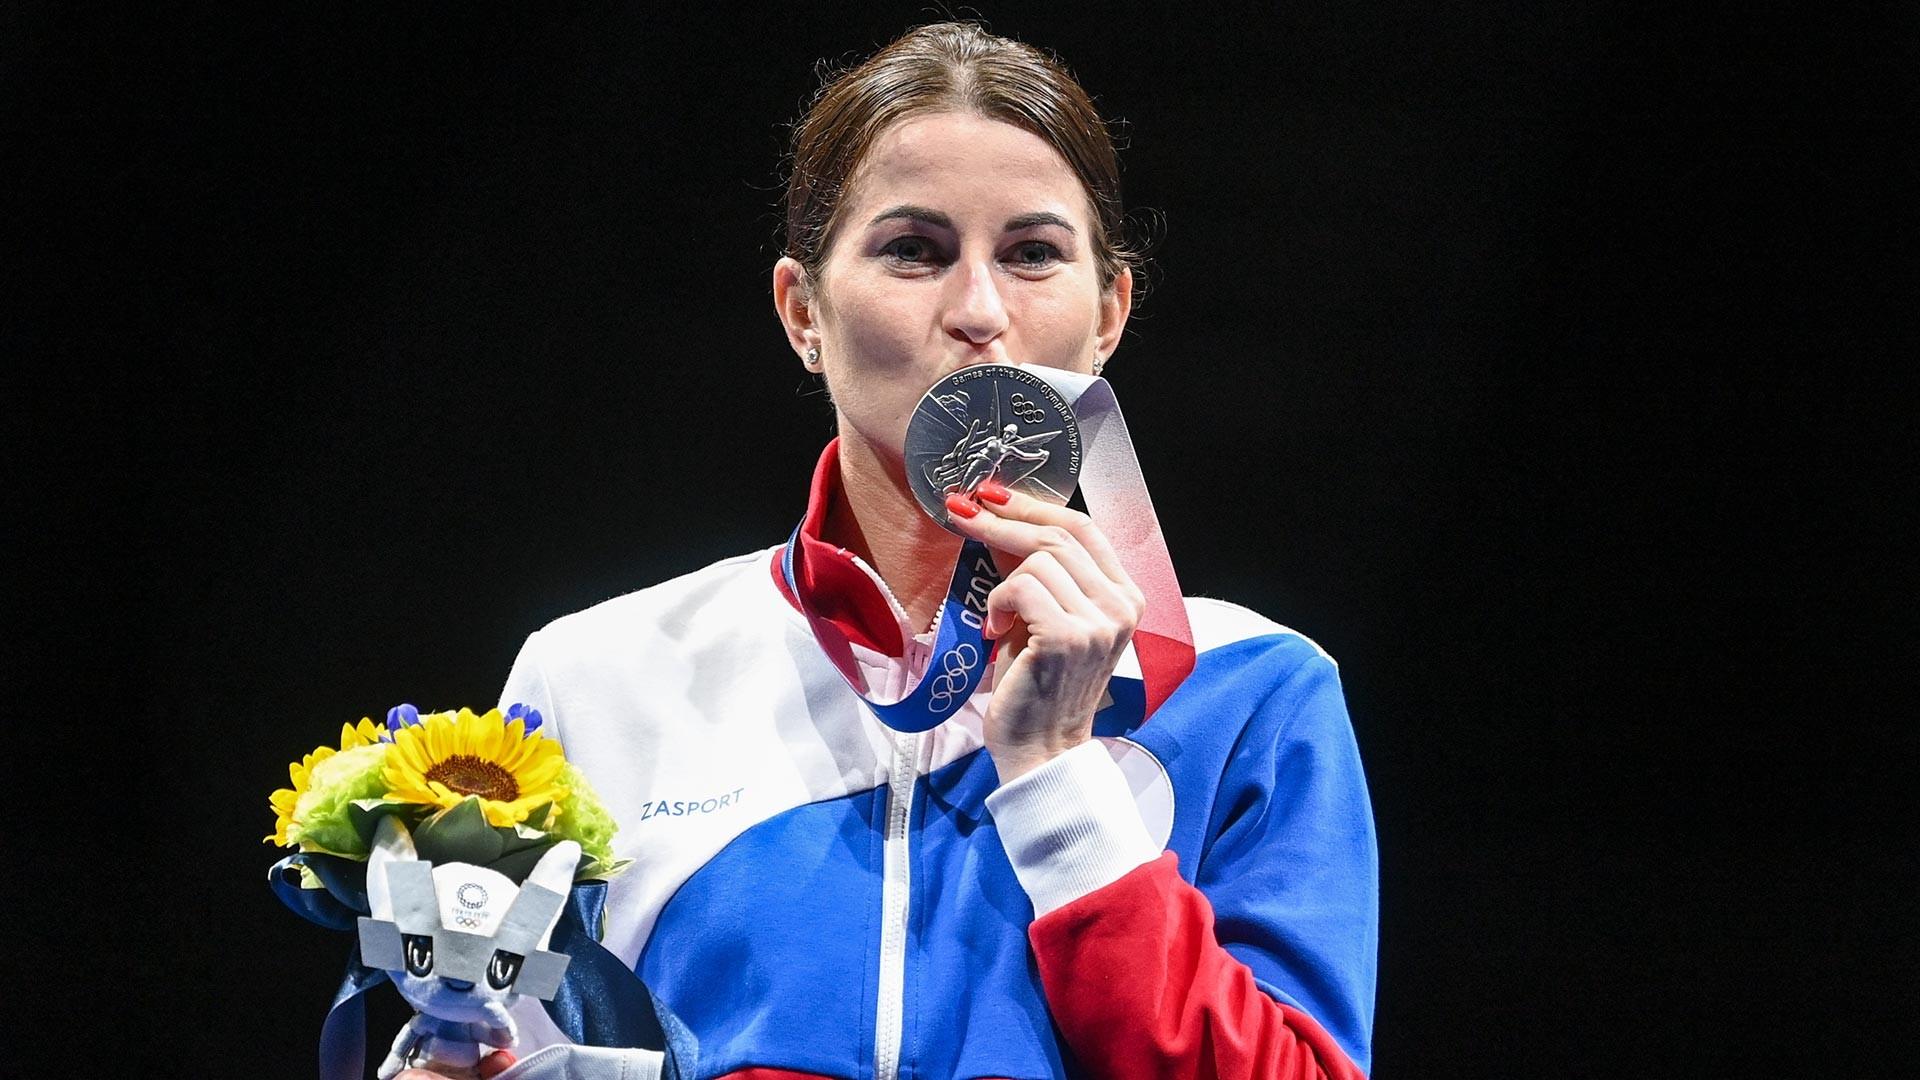 Inna Deriglazova du Comité olympique russe, qui a remporté la médaille d'argent dans la compétition de fleuret féminin aux Jeux olympiques d'été à Tokyo